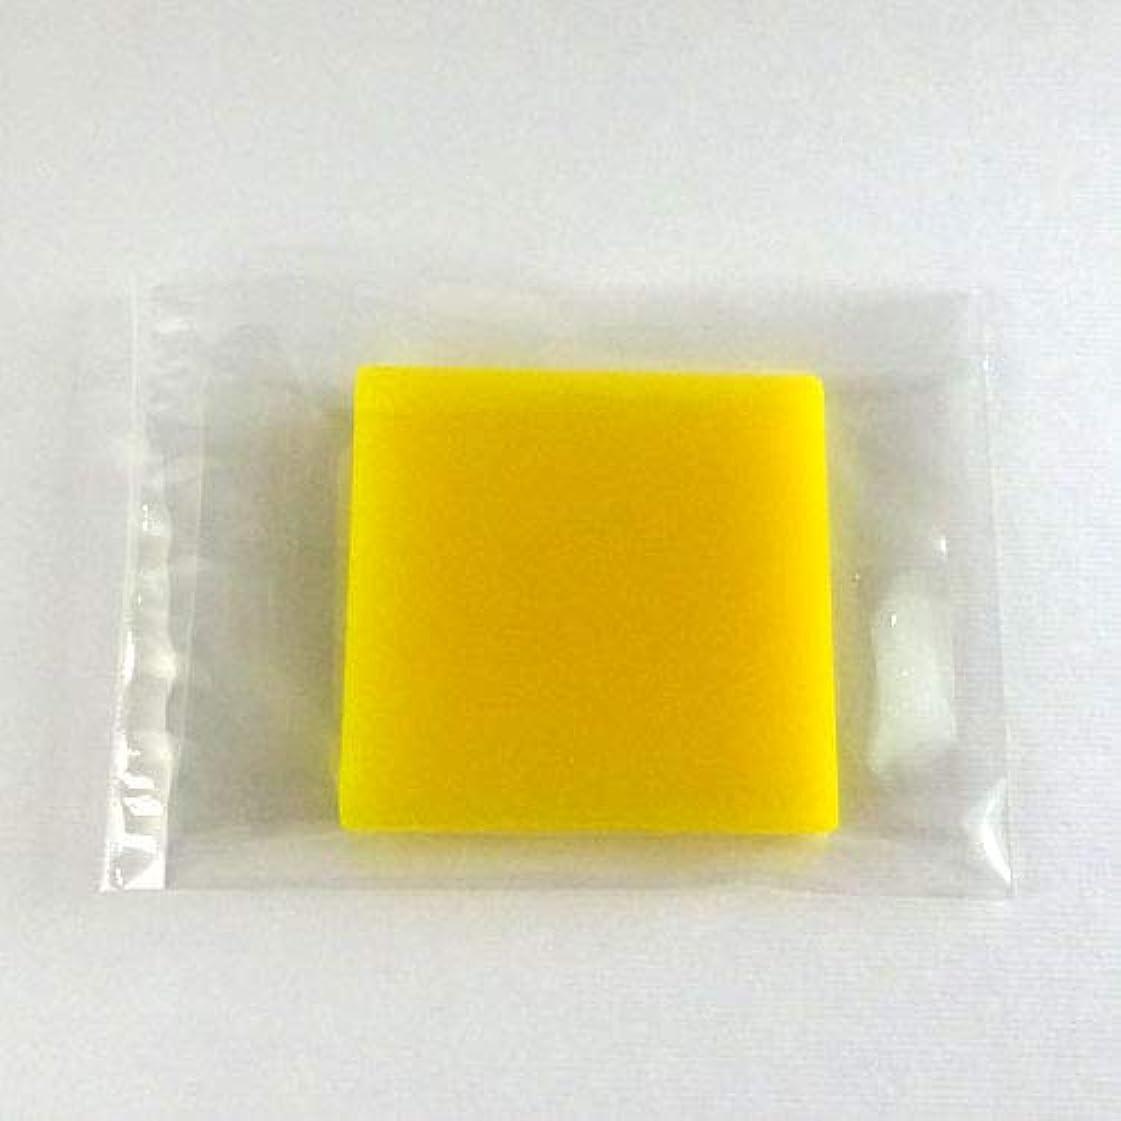 地域のベックス不毛のグリセリンソープ MPソープ 色チップ 黄(イエロー) 30g